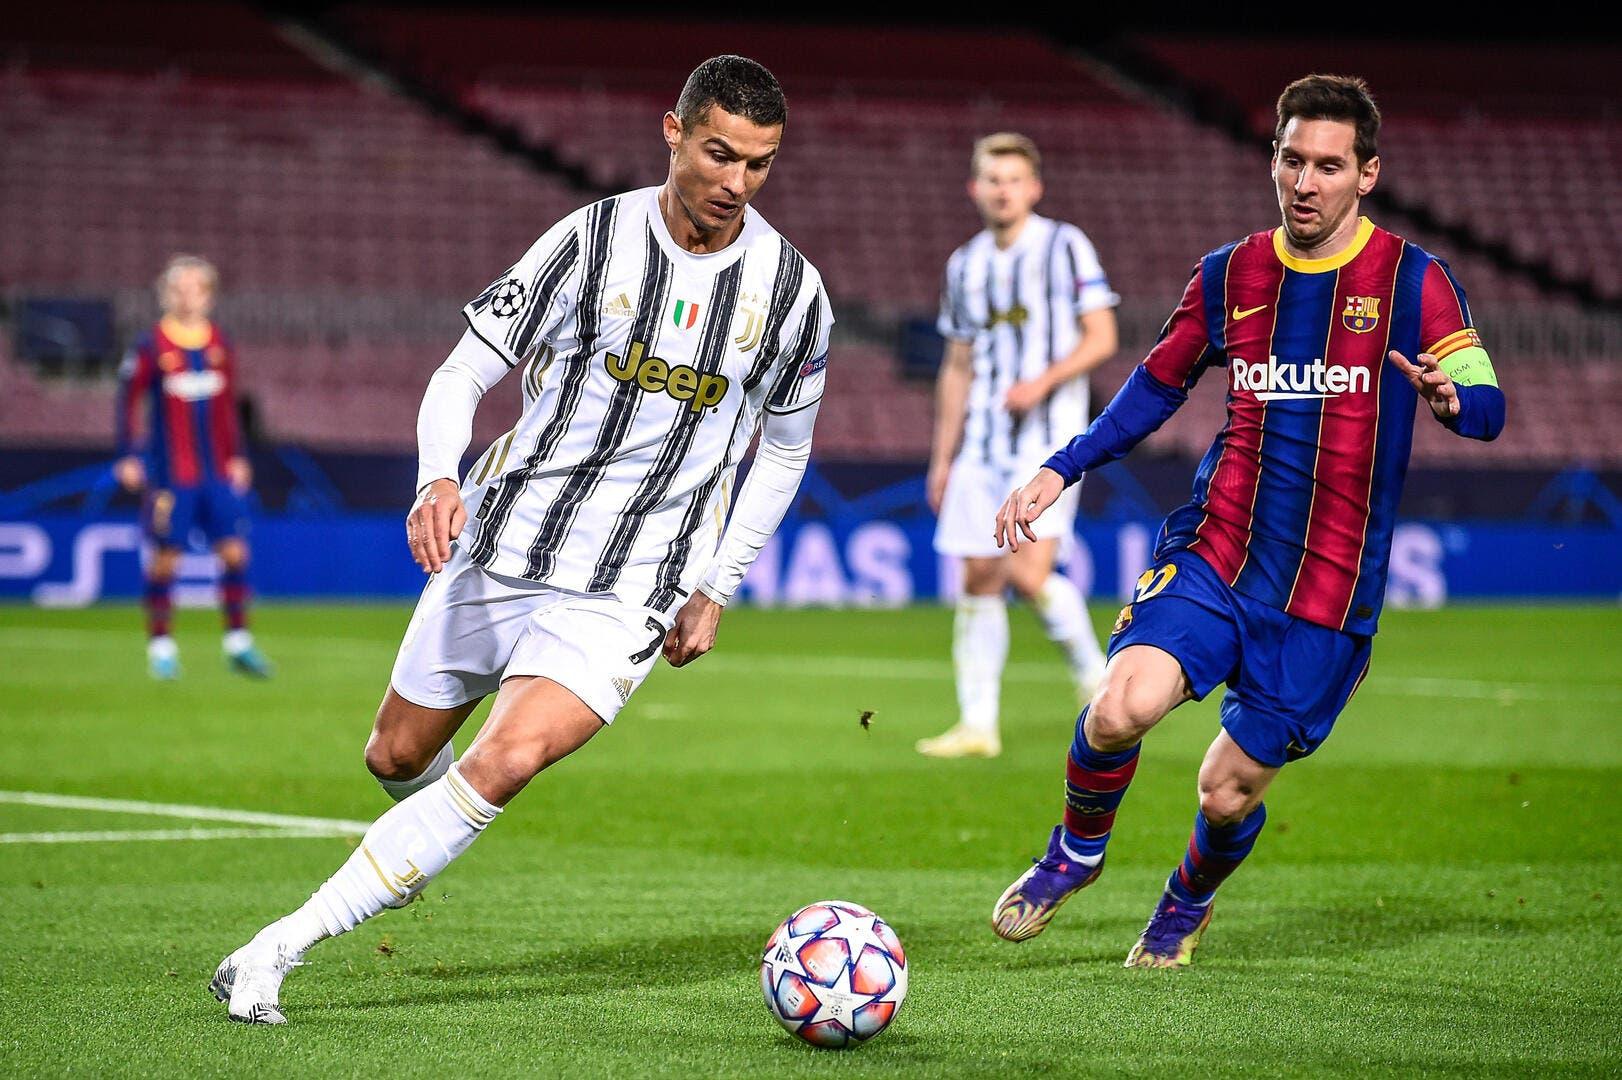 USA : Messi et Ronaldo à Miami, le projet fou de Beckham ! - Foot01.com